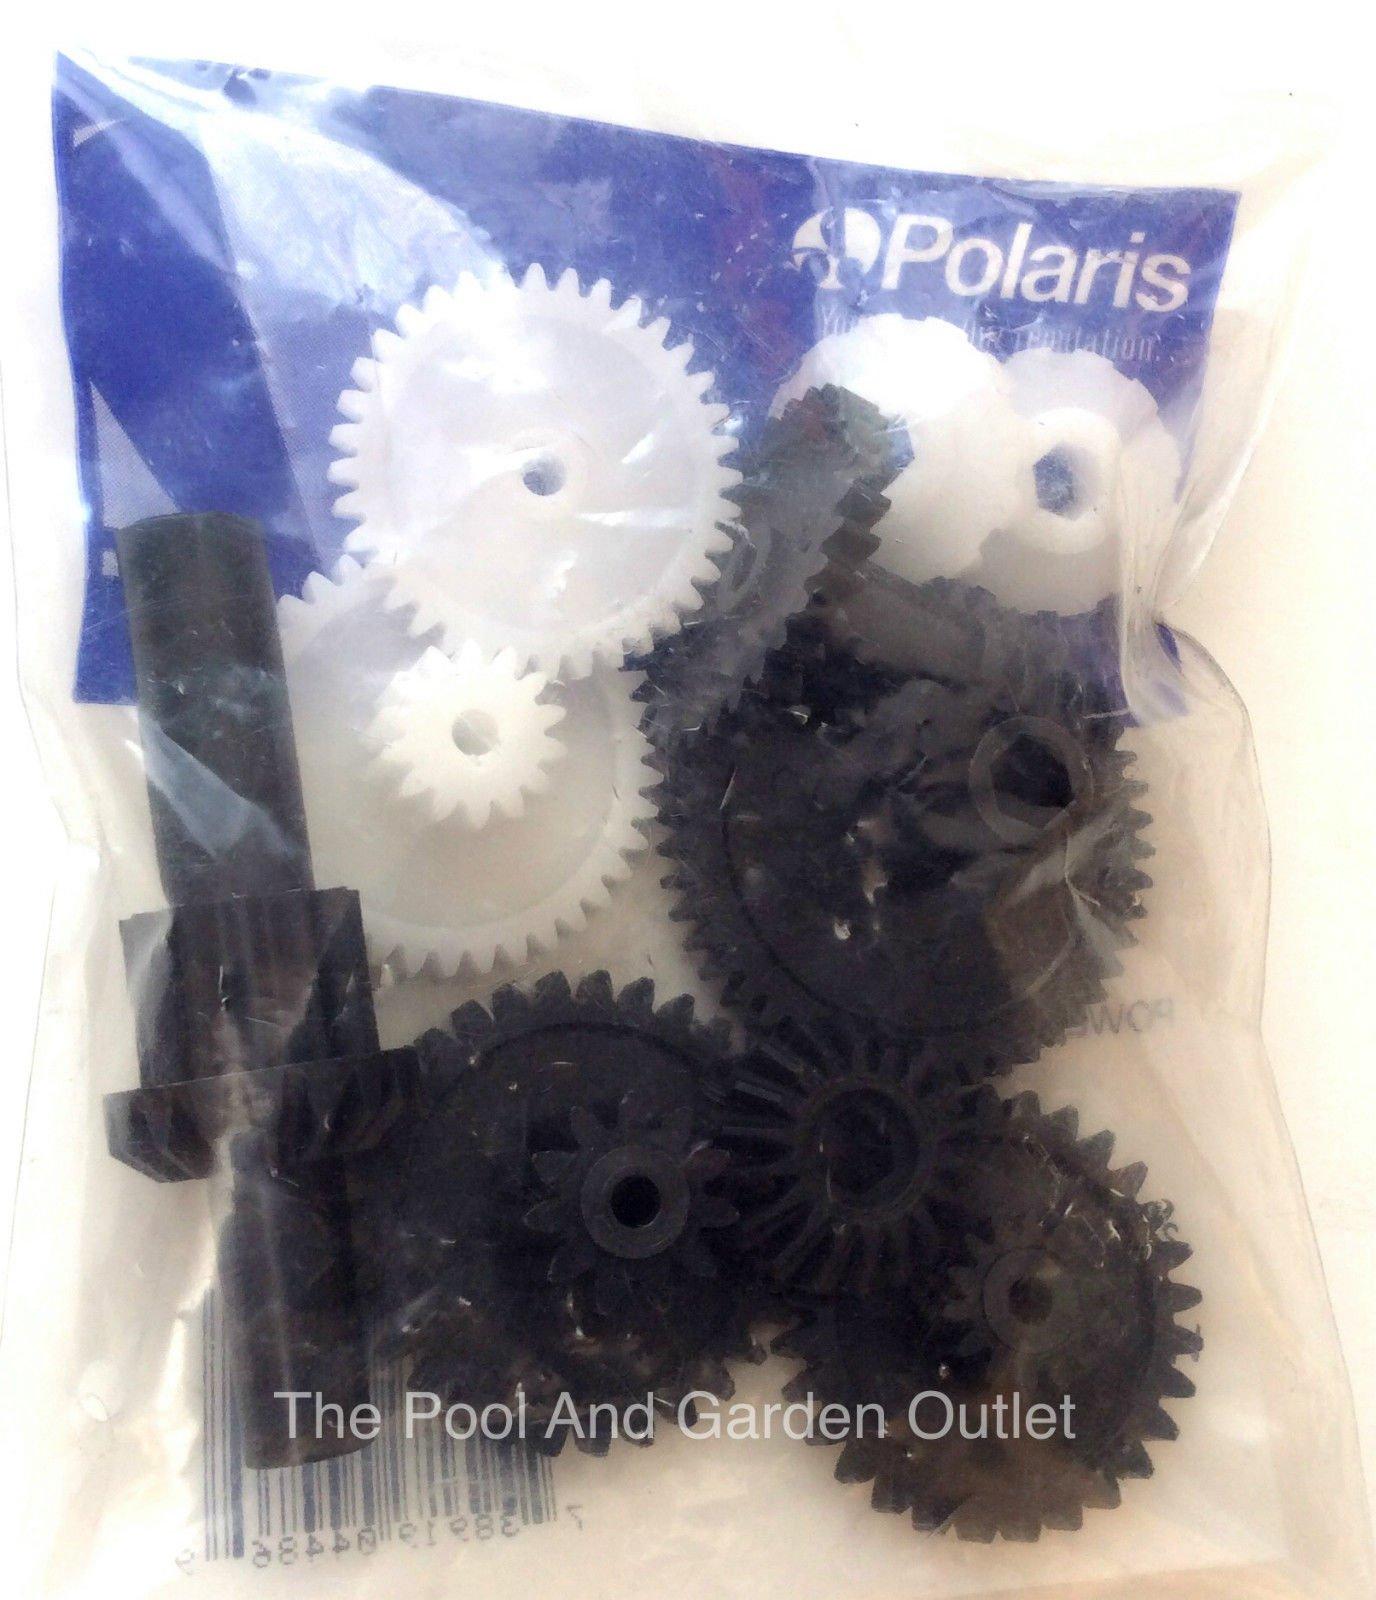 Polaris ATV 340 Pool Cleaner Power Module Gear Repair Kit 5-5050 for 5-5000